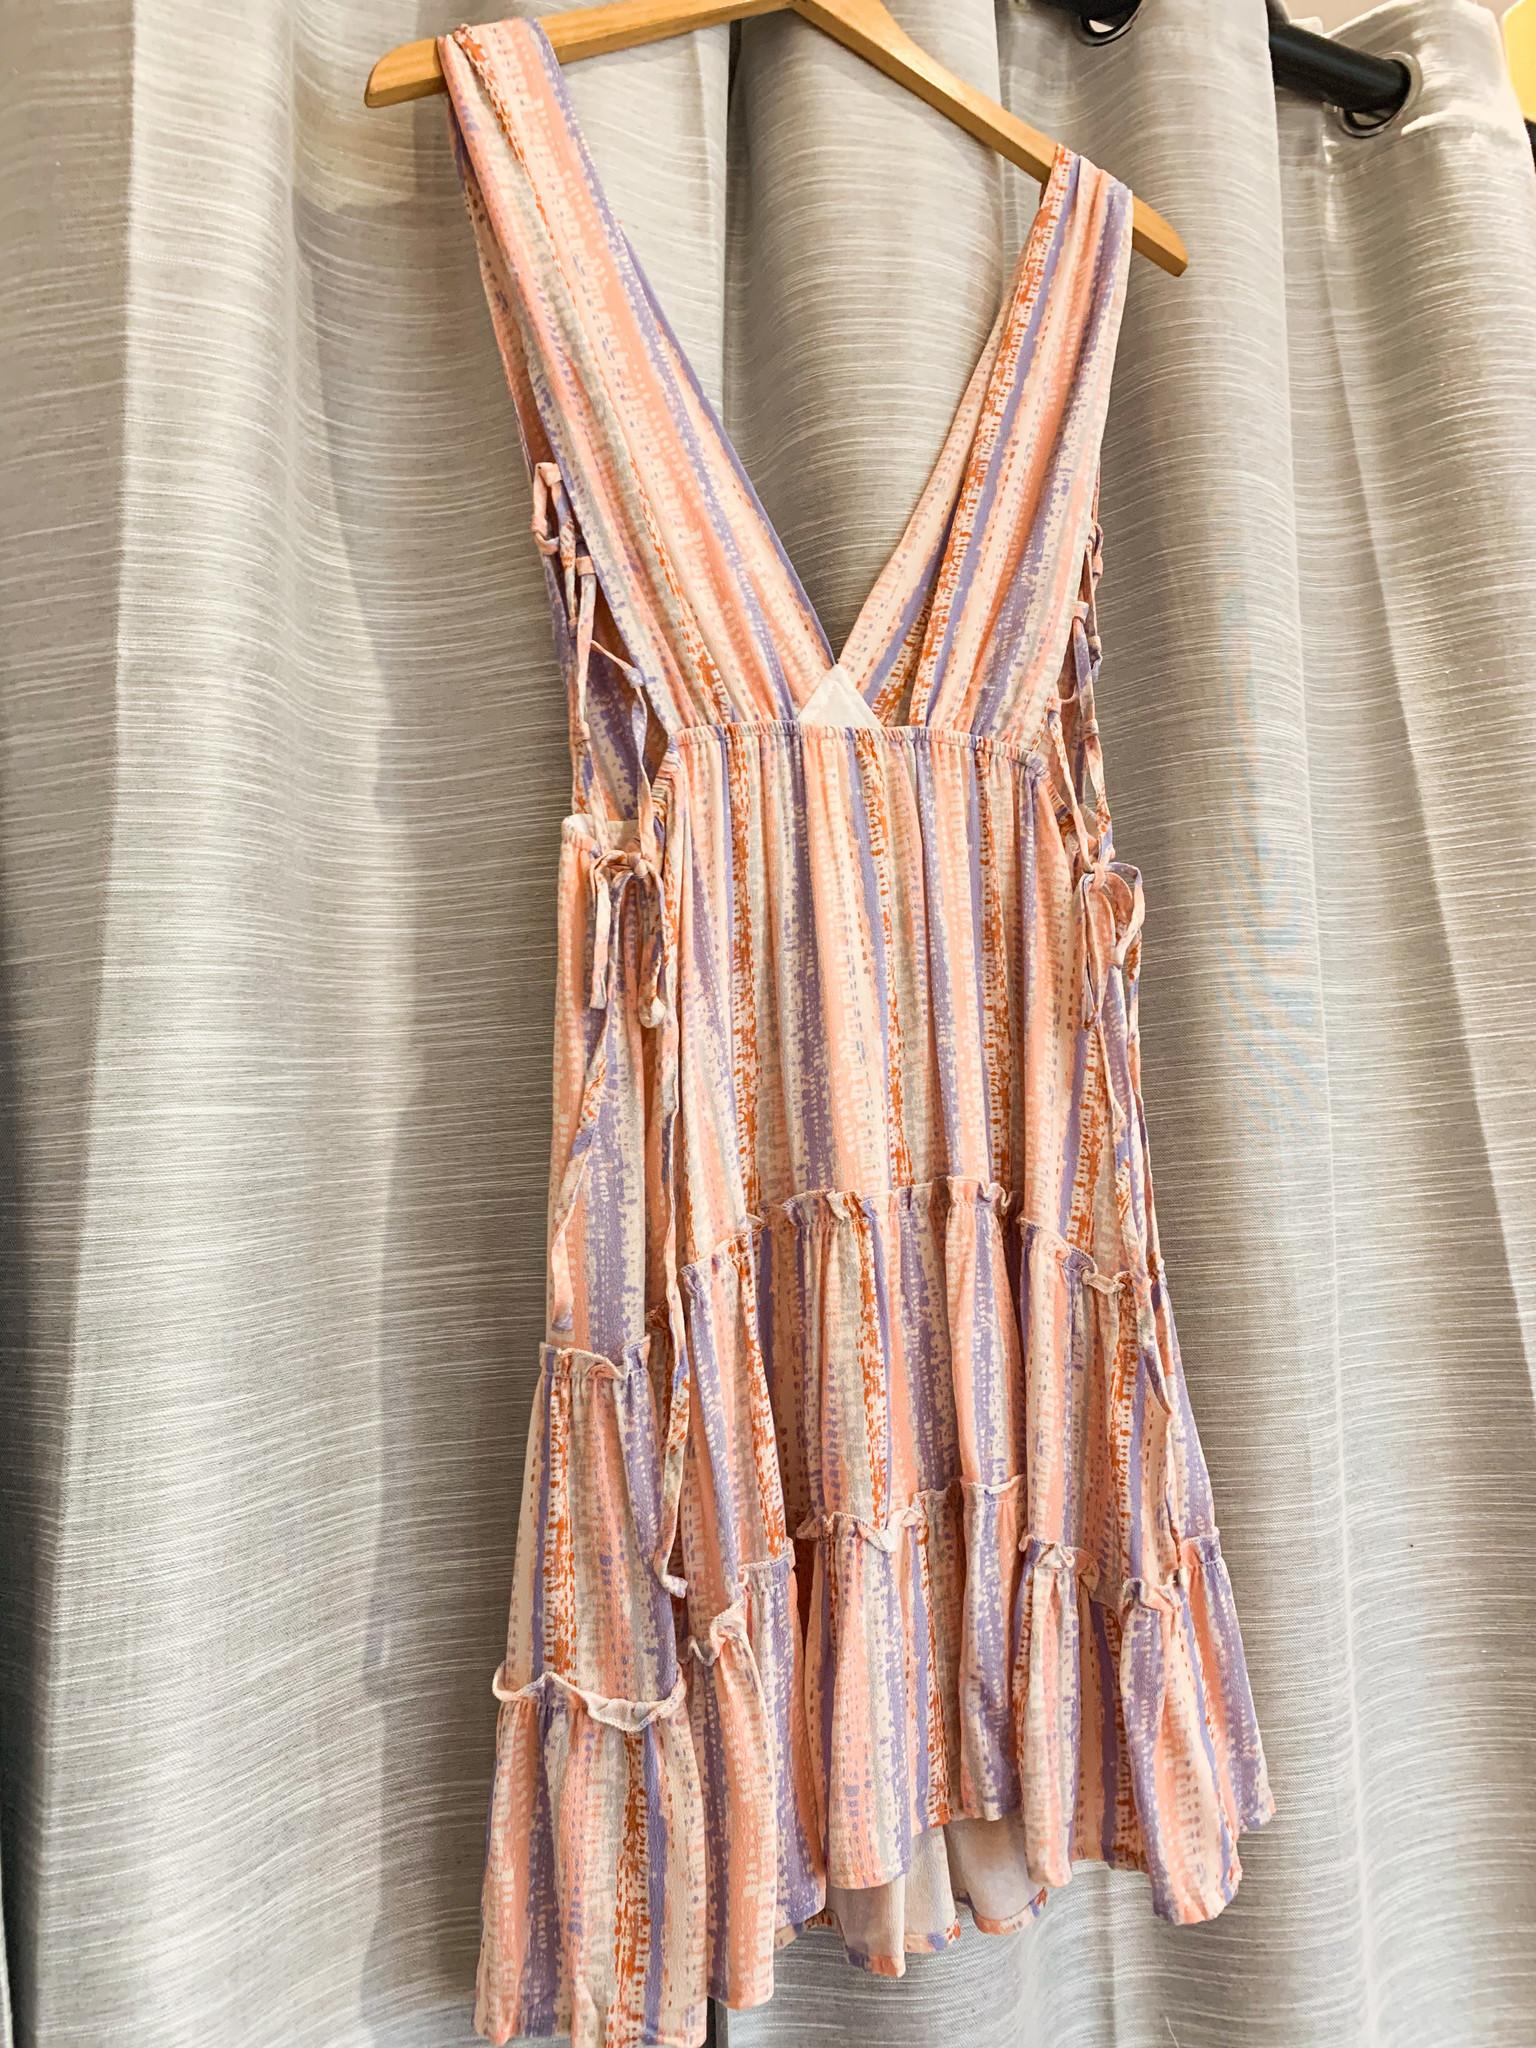 Blush Low V Neck Side Lace Dress